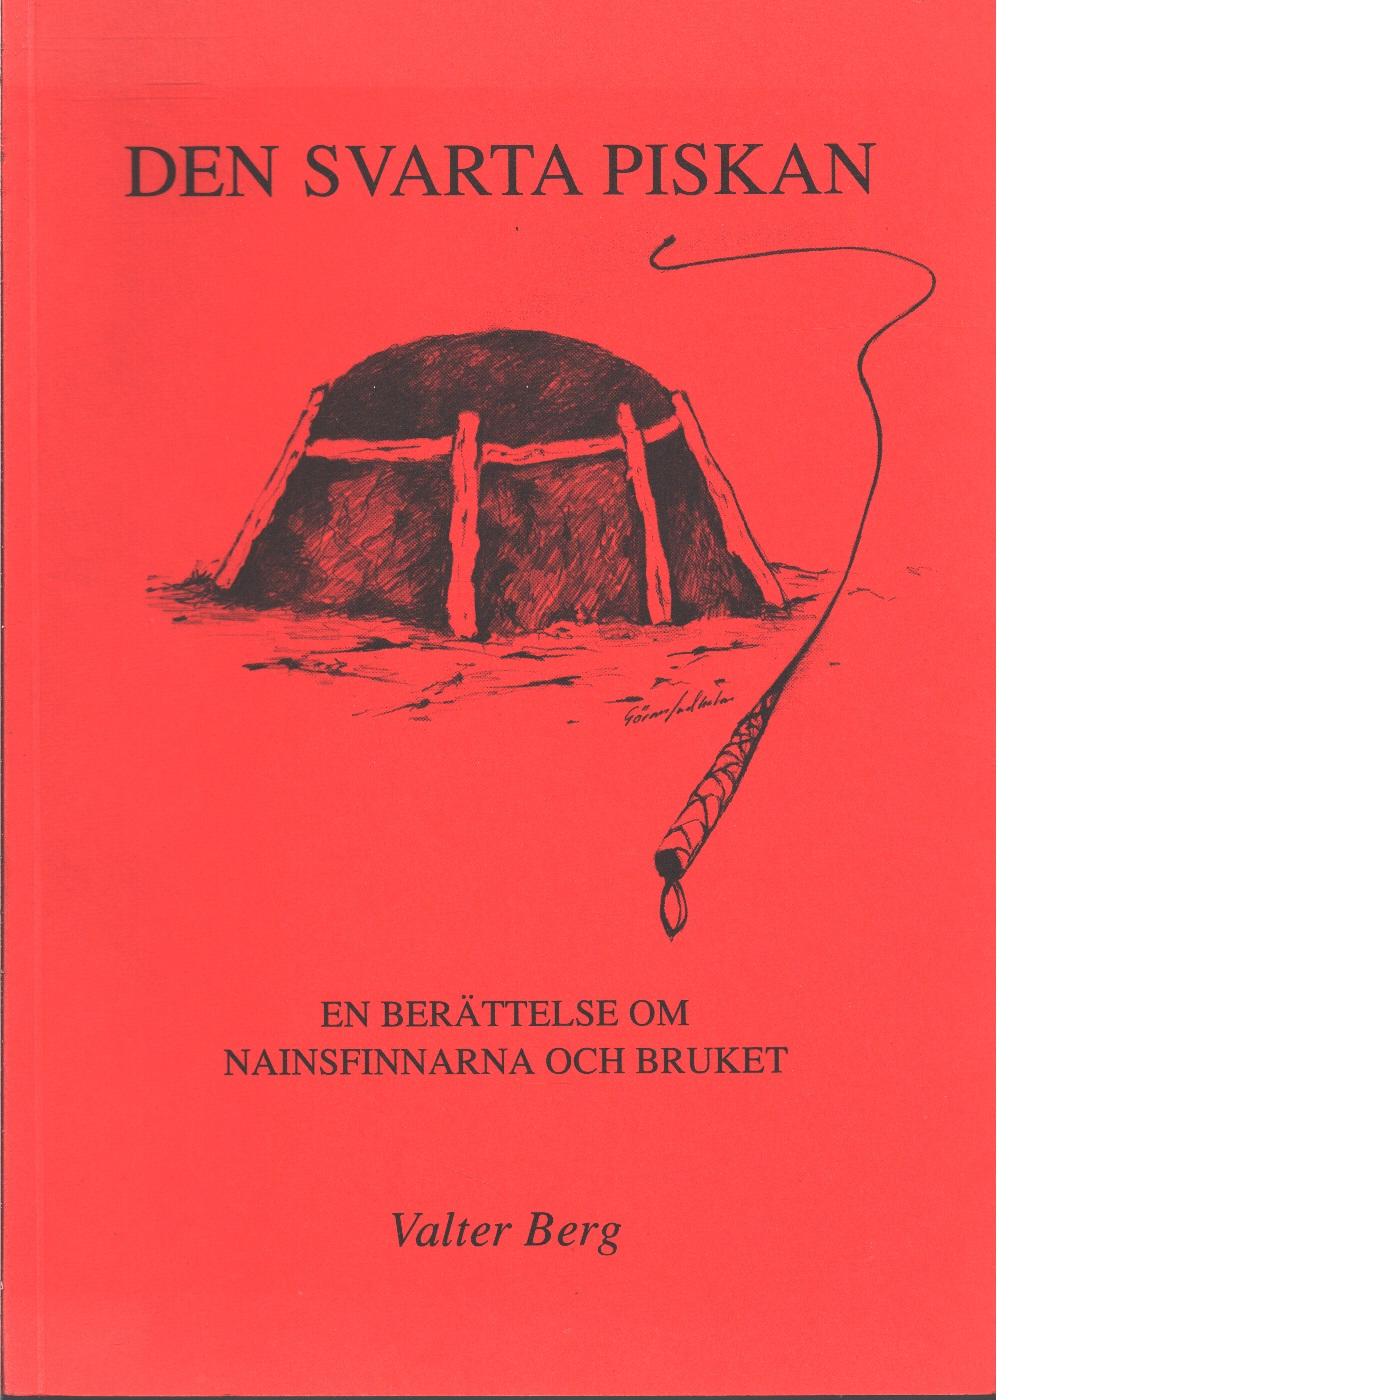 Den svarta piskan : en berättelse om nainsfinnarna och bruket - Berg, Valter